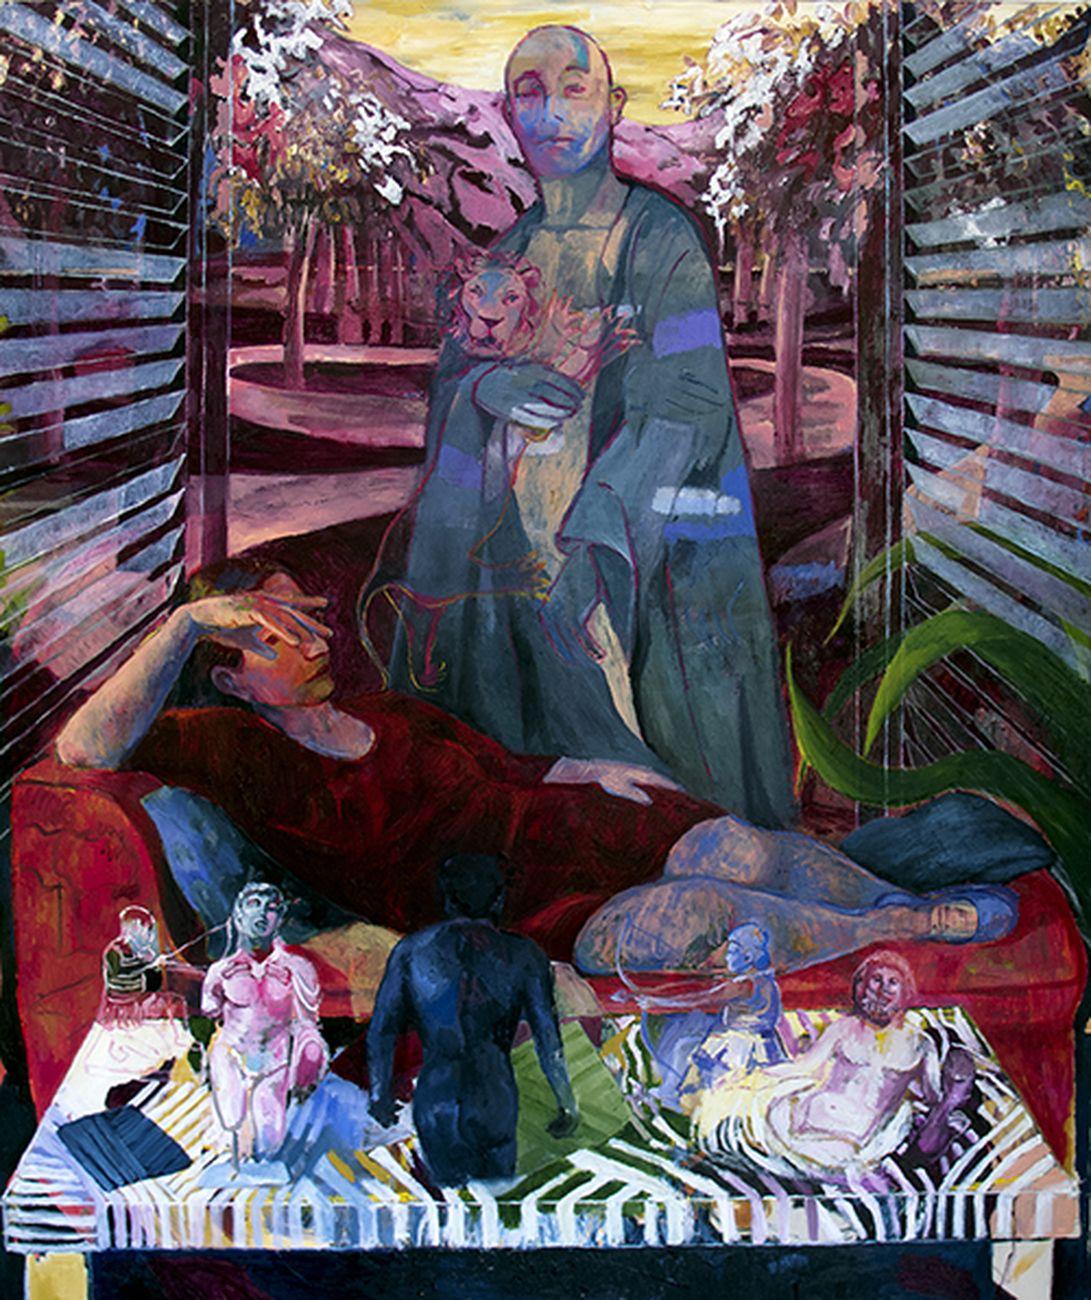 Aryan Ozmaei, Early Springtime Vision, 2019, olio su tela, 140x170 cm